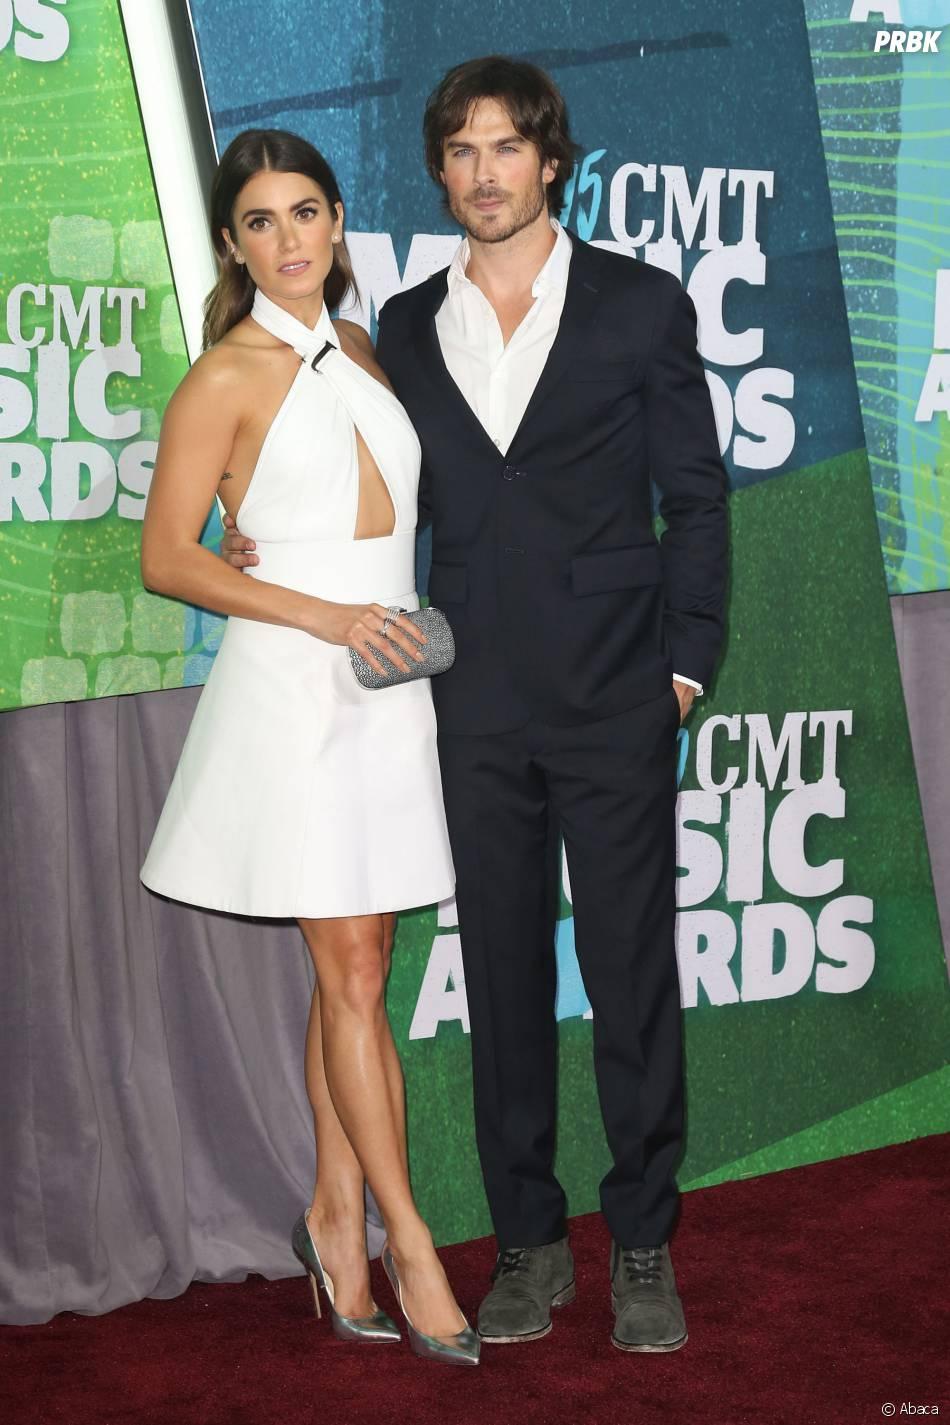 Ian Somerhalder et Nikki Reed sur le tapis rouge des CMT Music Awards, le 10 juin 2015 à Nashville